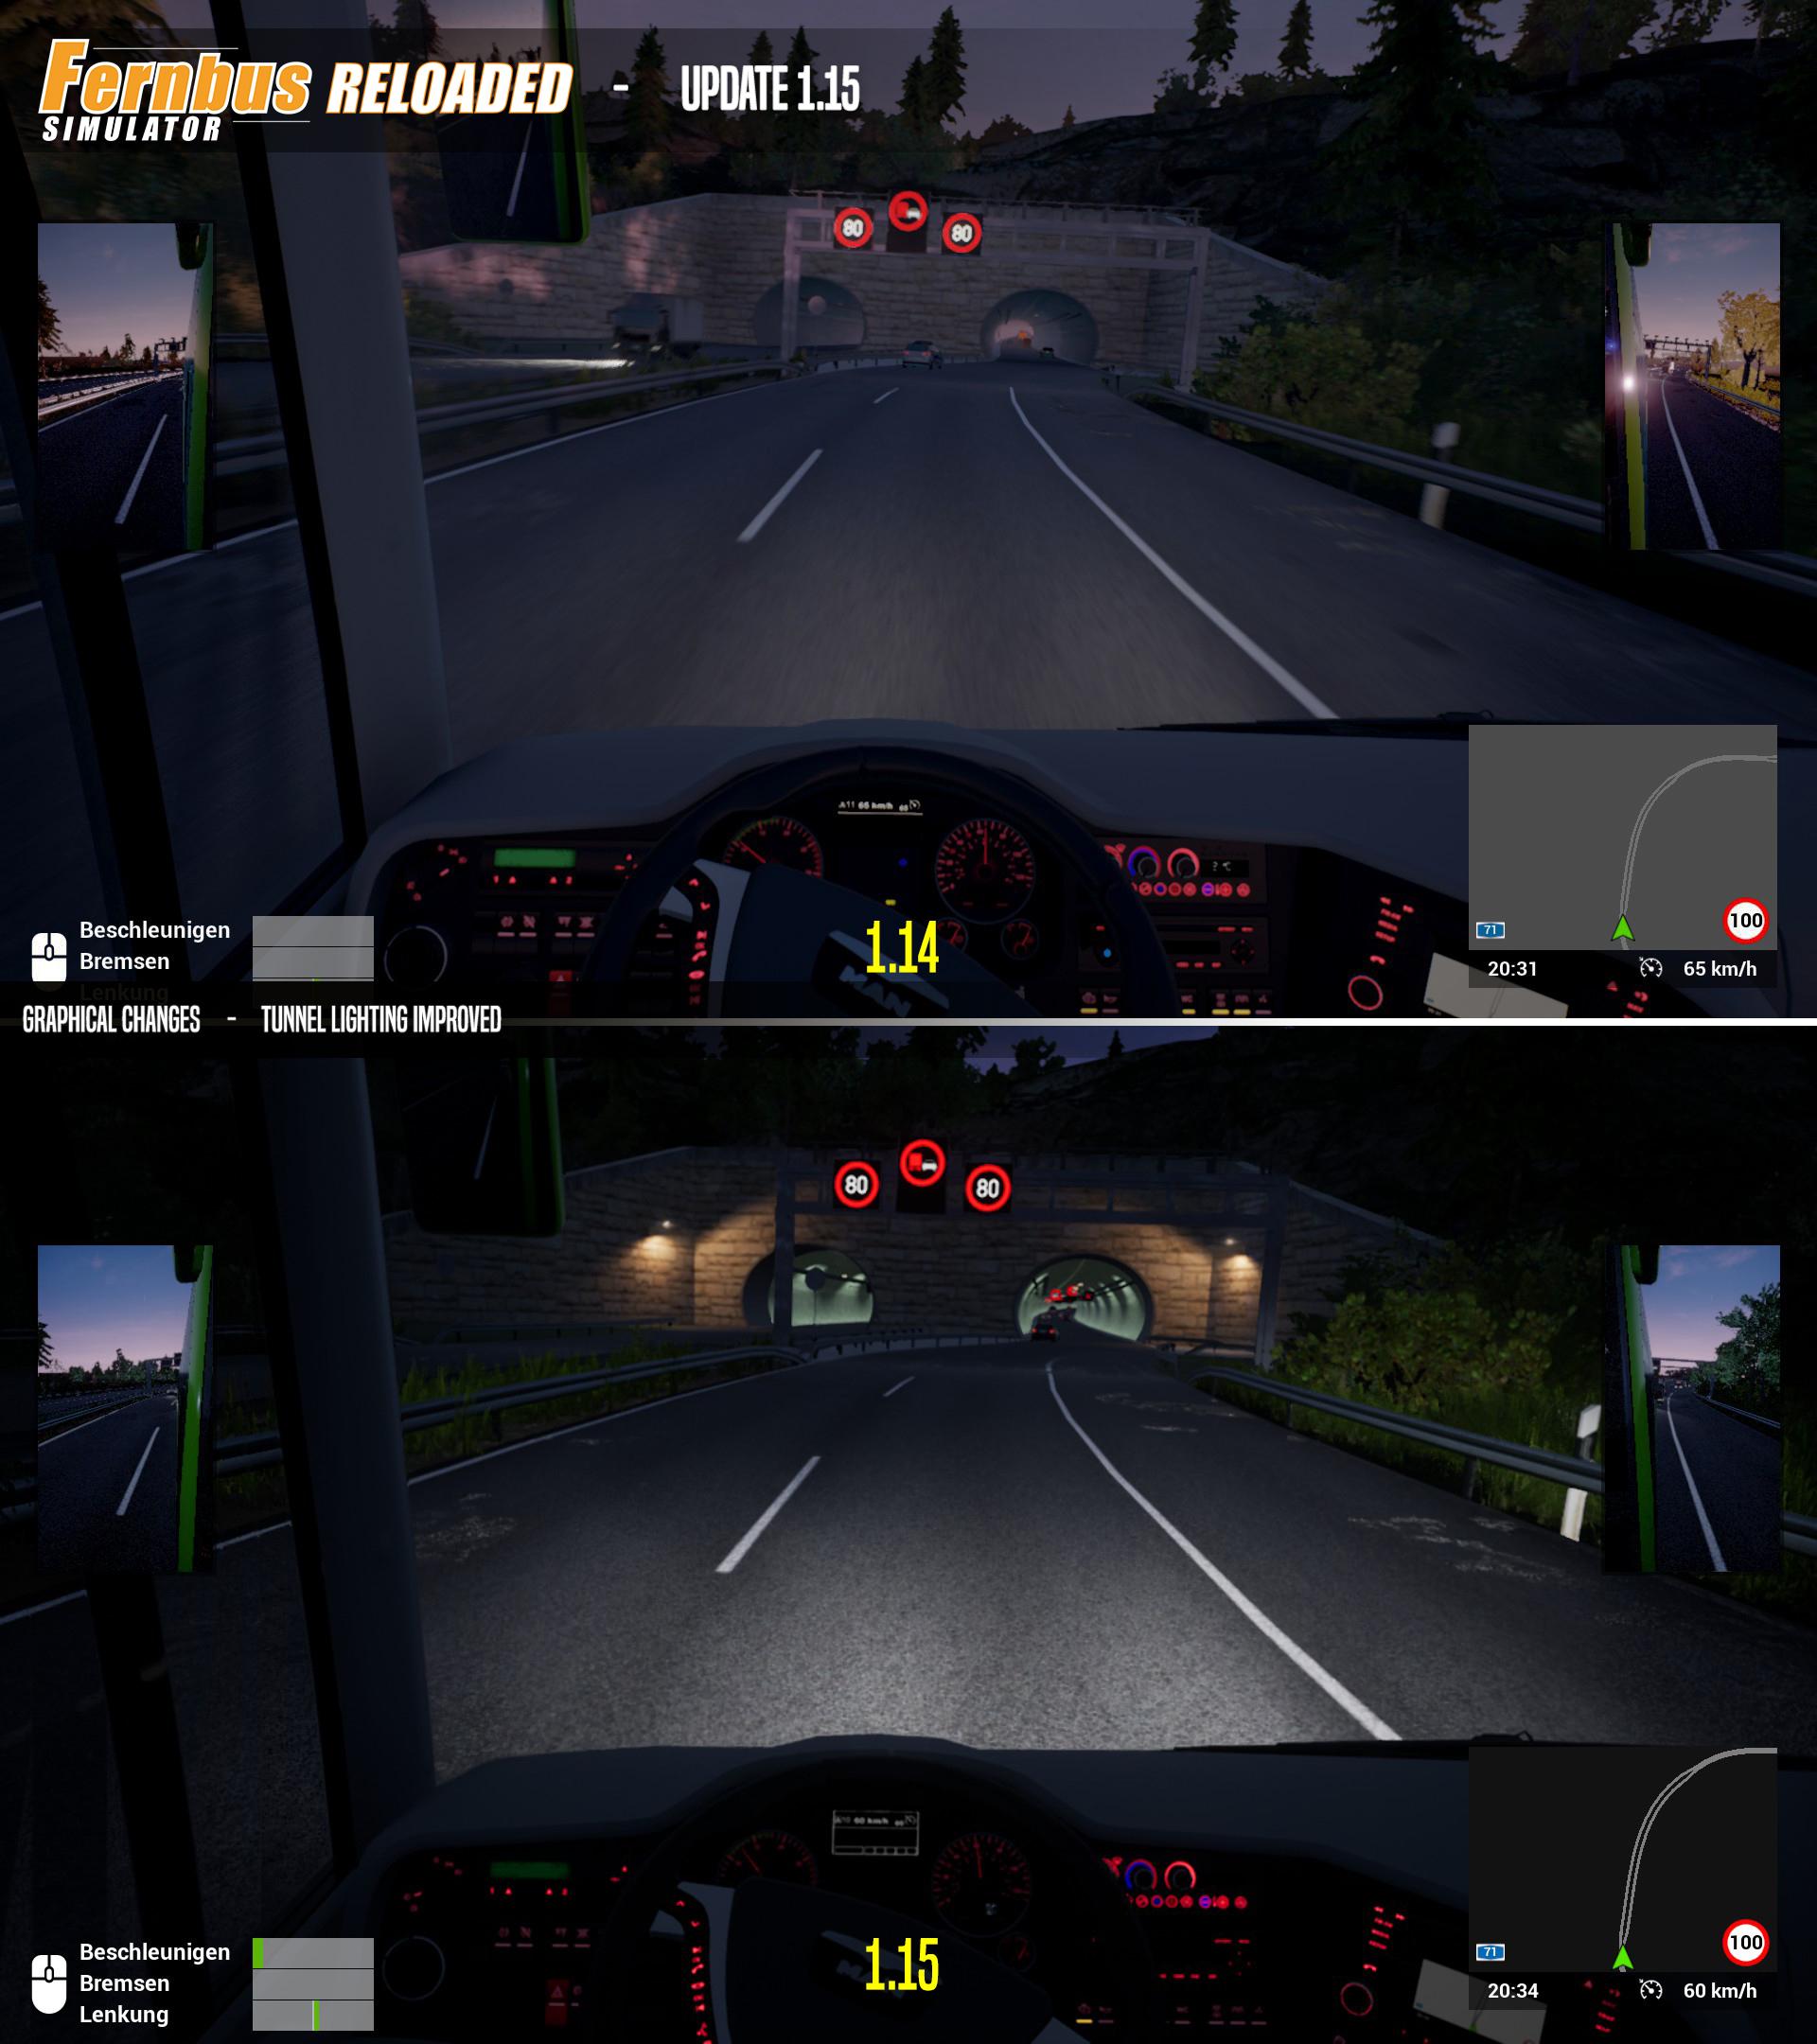 fernbus simulator for pc